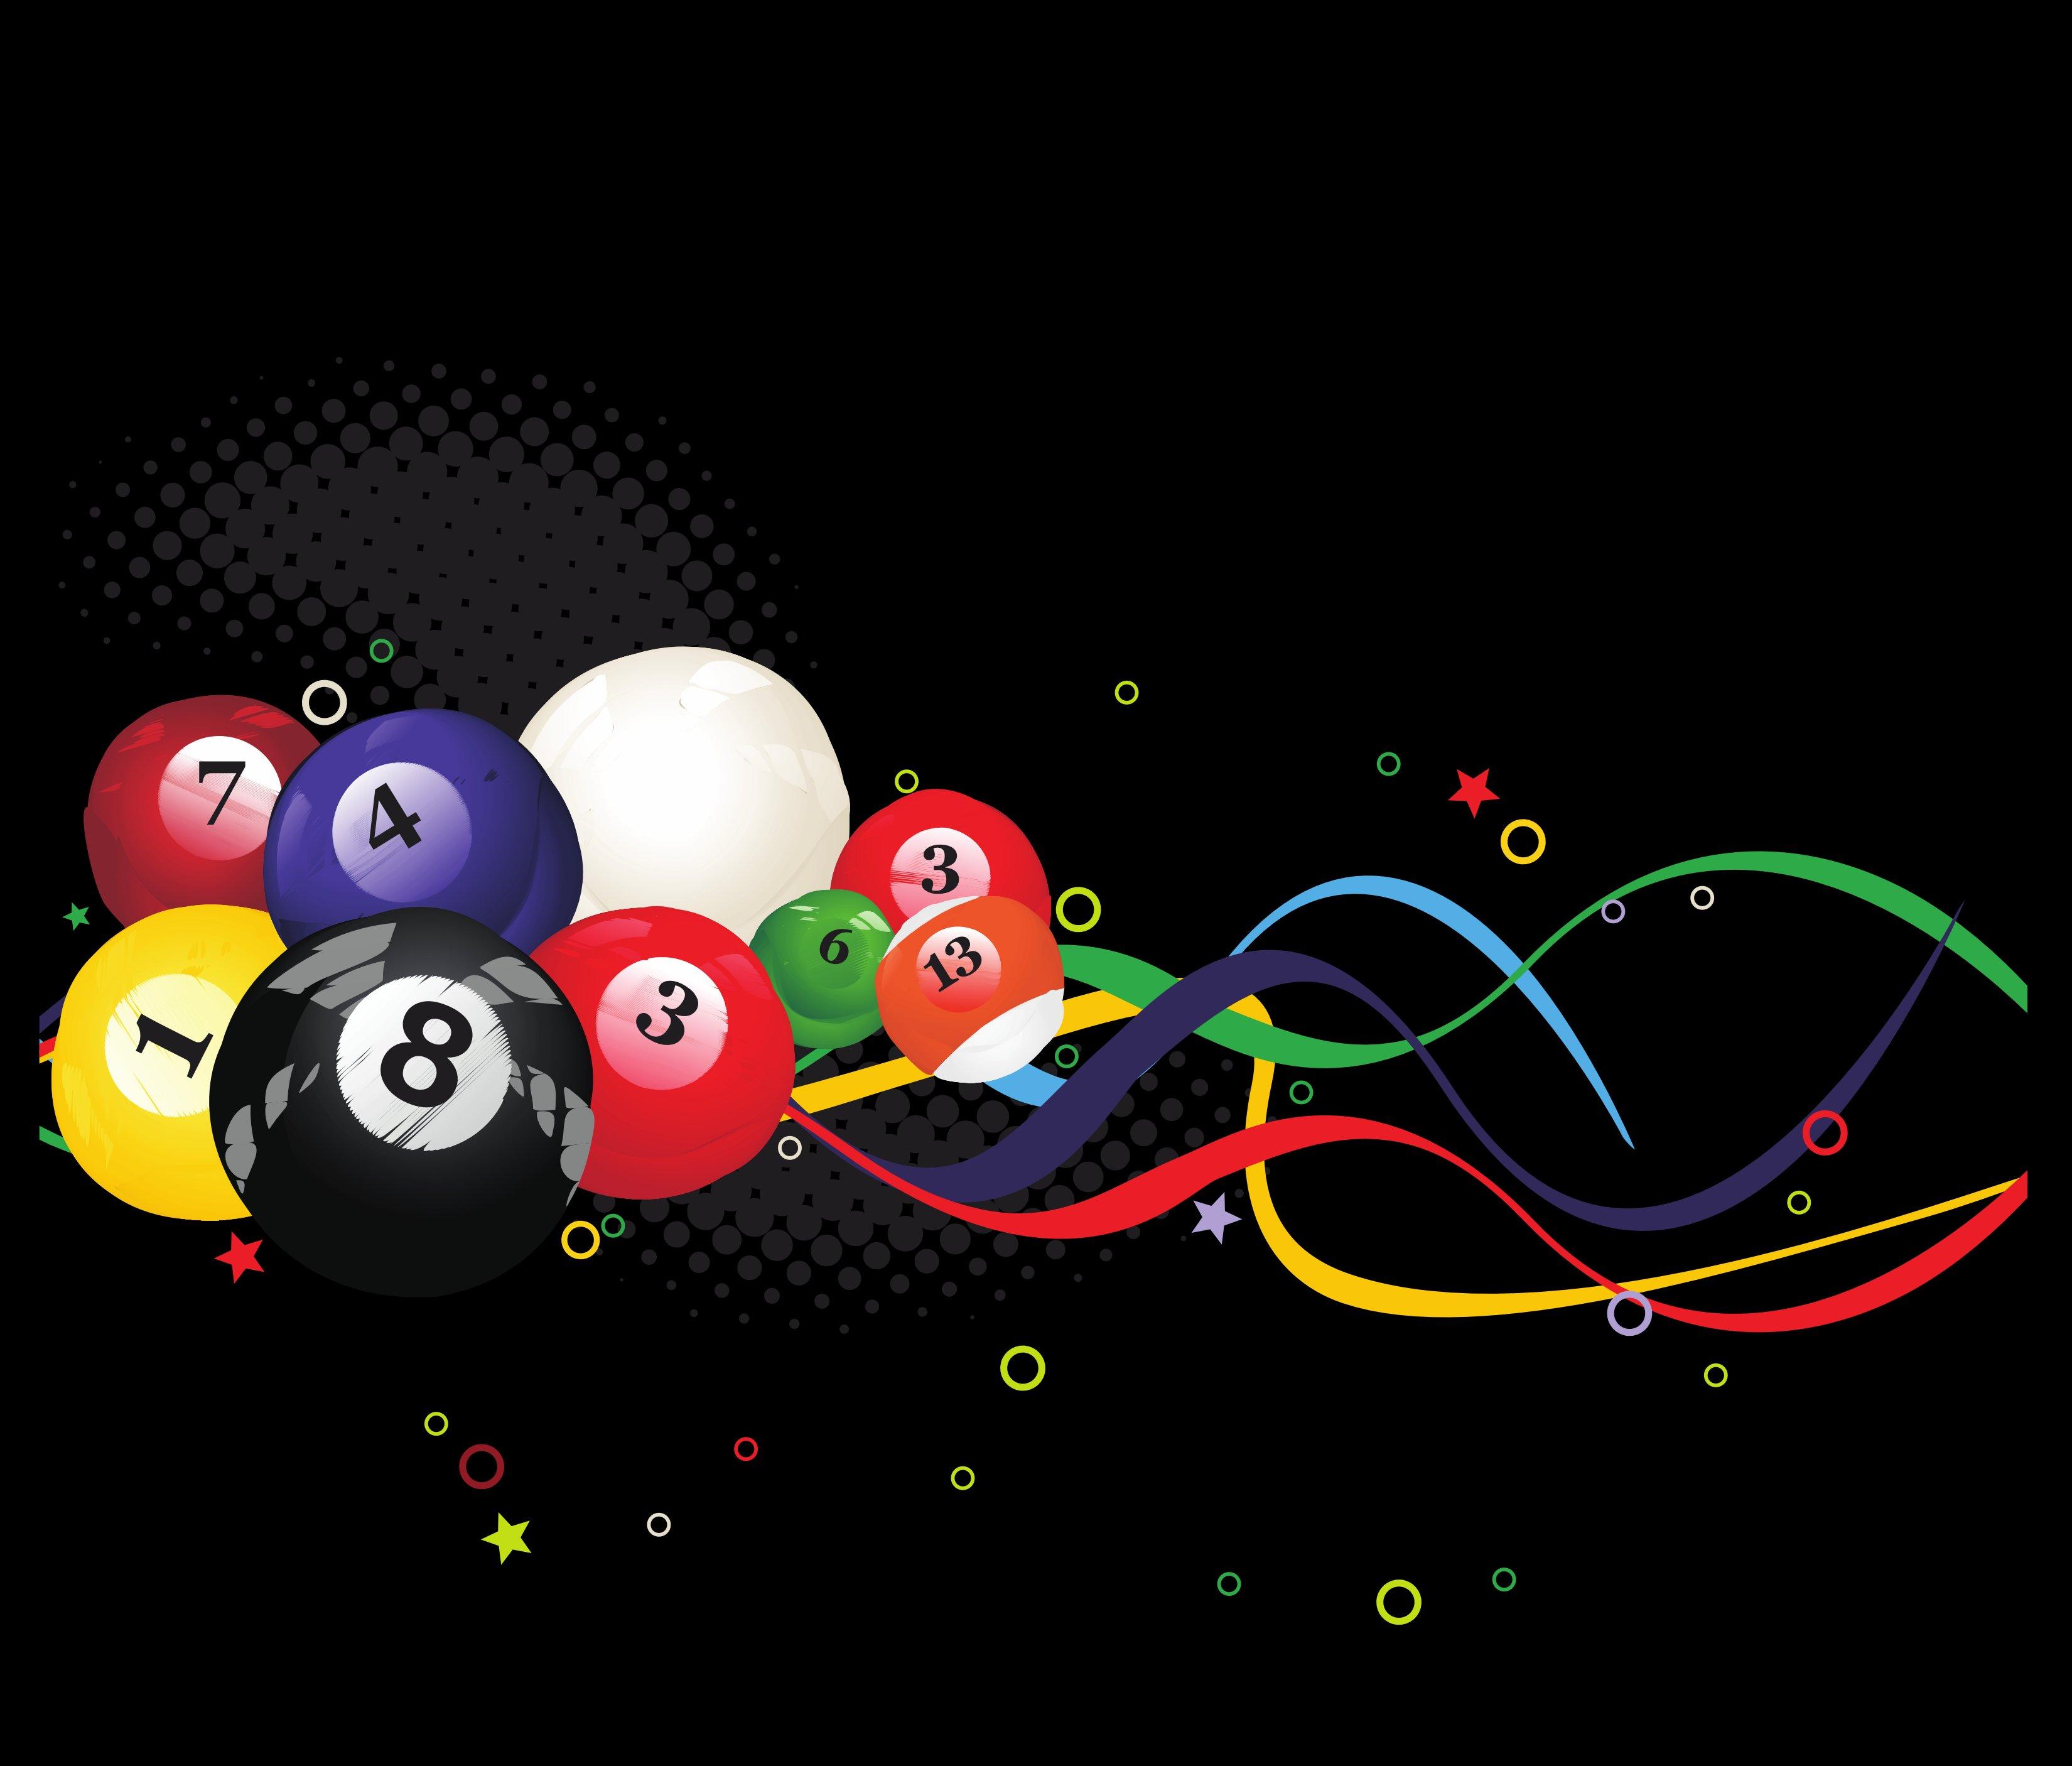 billiards pool sports 1pool wallpaper 3300x2812 681084